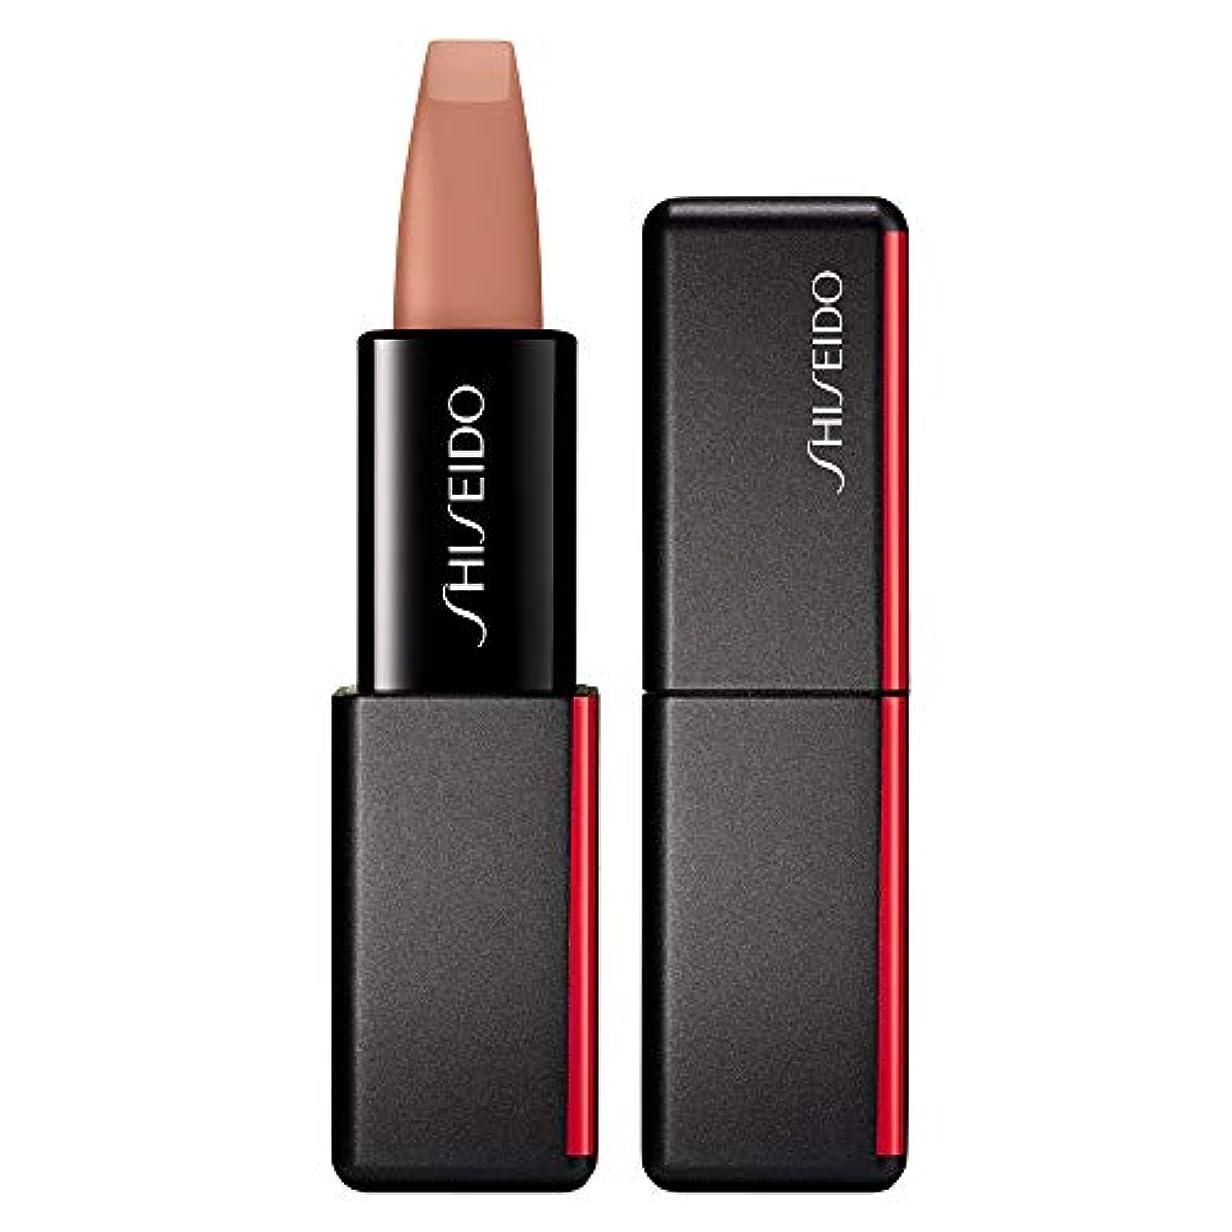 フェロー諸島胃メッセンジャー資生堂 ModernMatte Powder Lipstick - # 502 Whisper (Nude Pink) 4g/0.14oz並行輸入品